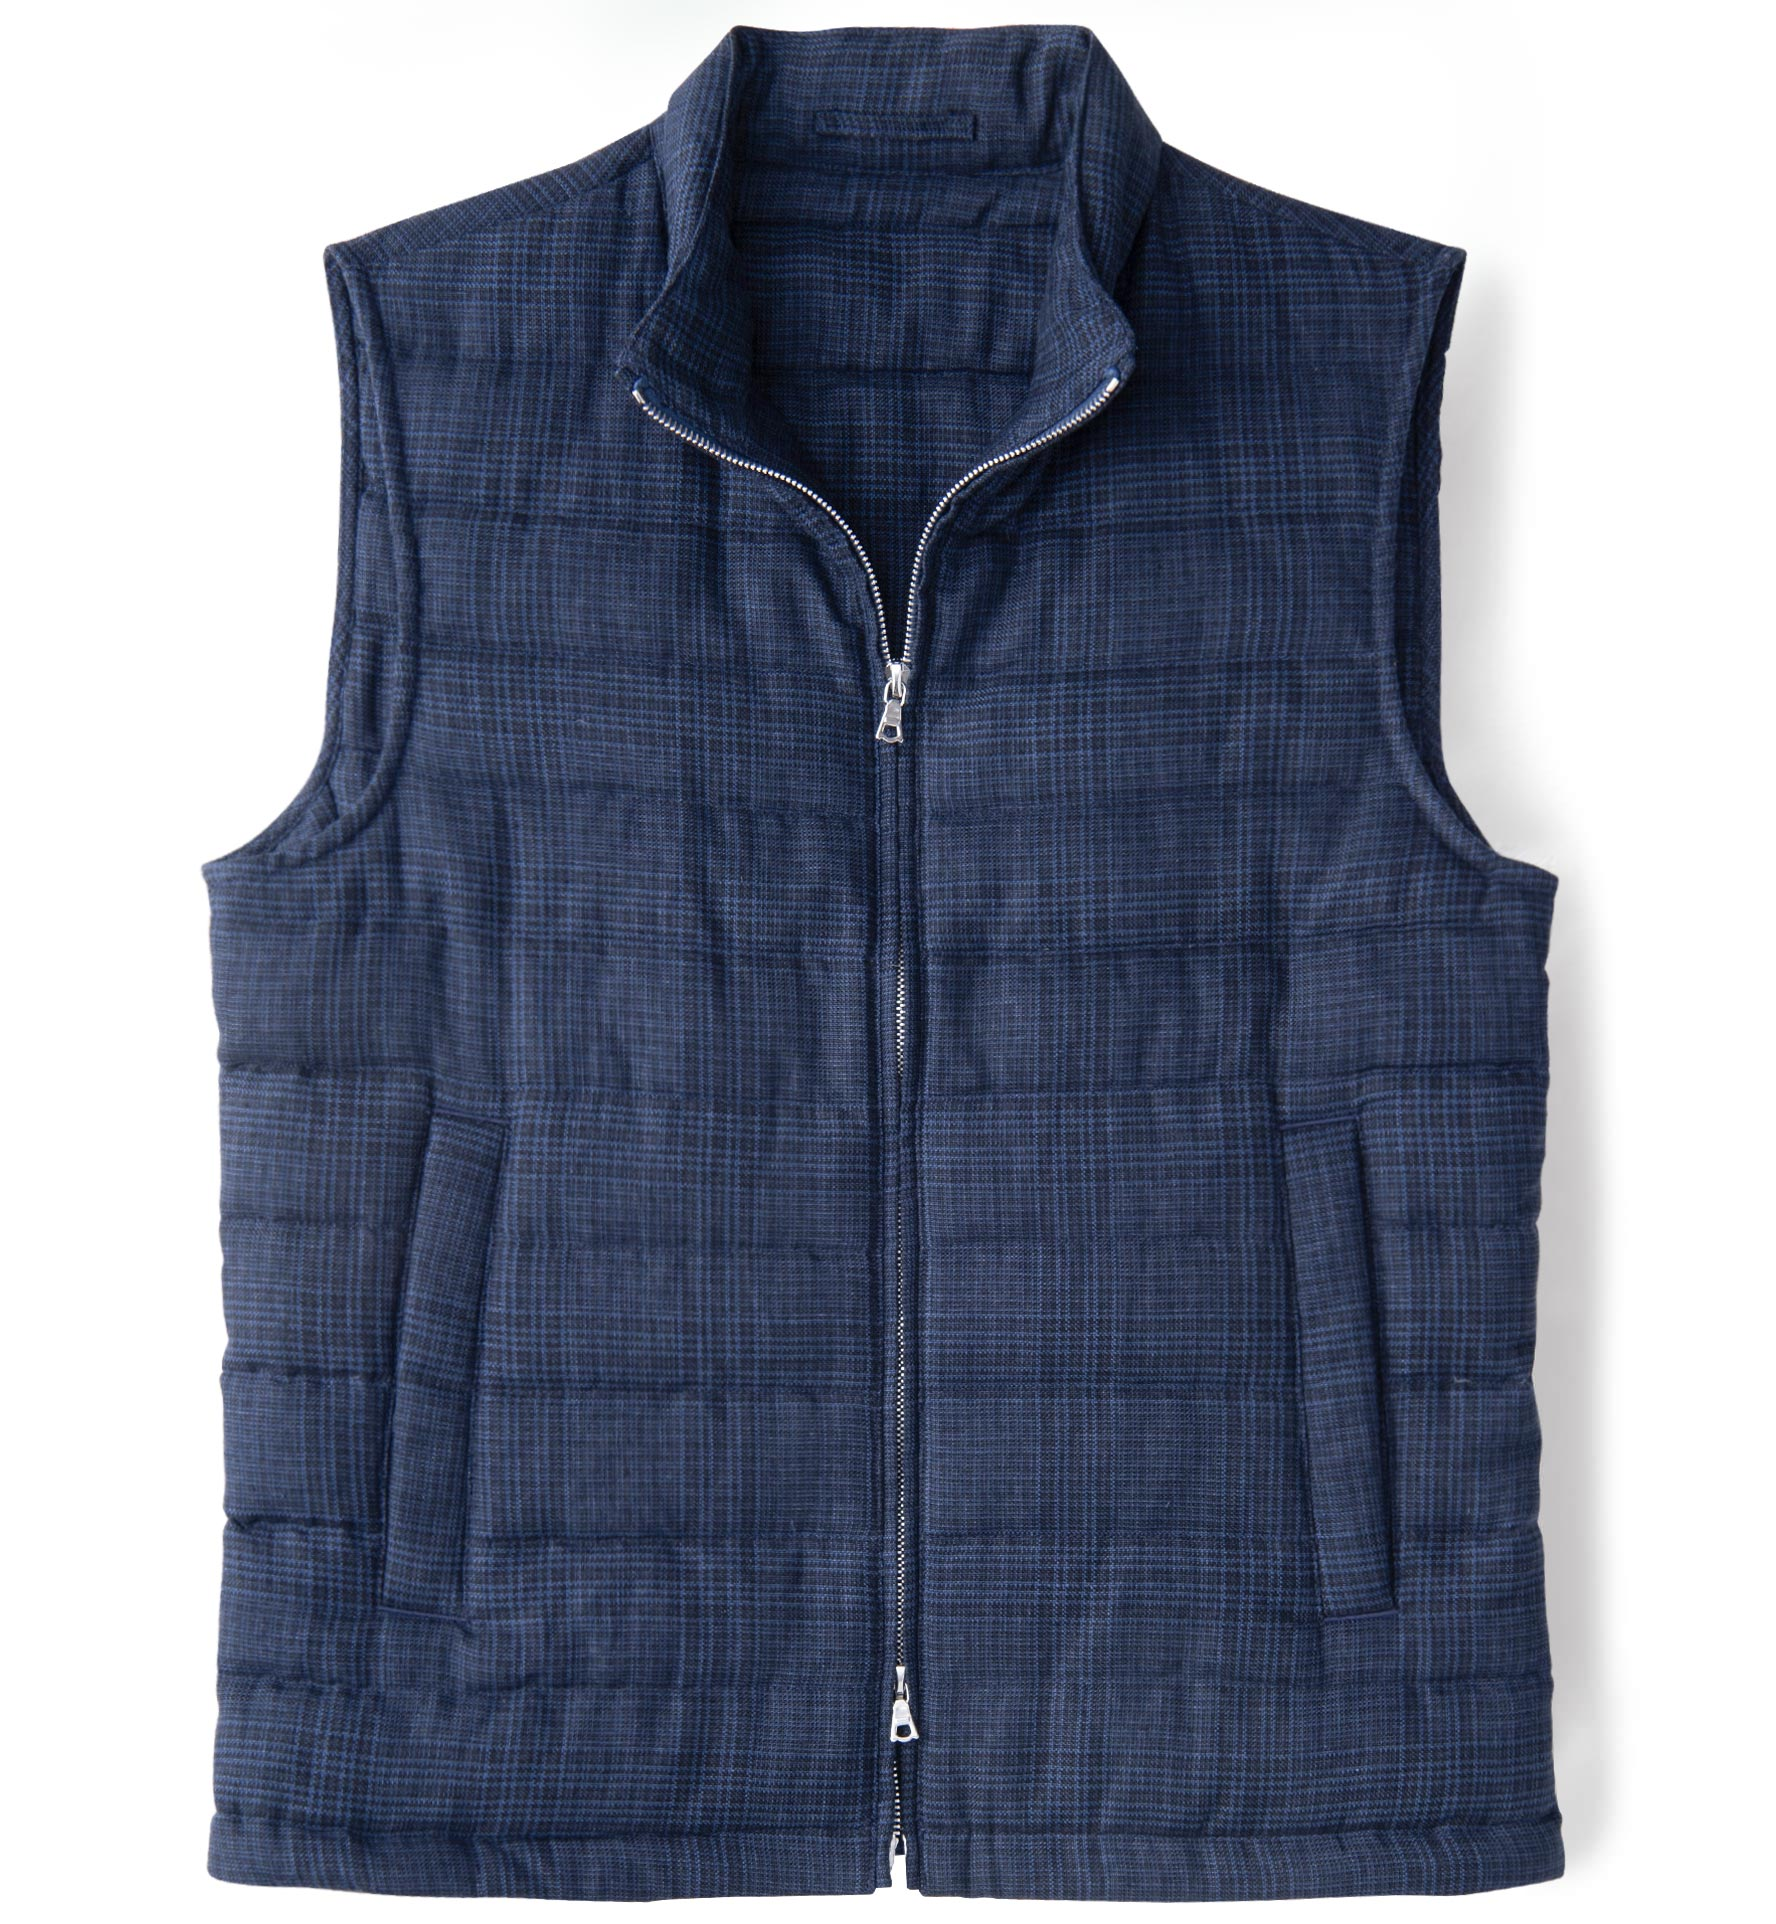 Zoom Image of Brera Navy Glen Plaid Cotton and Linen Zip Vest